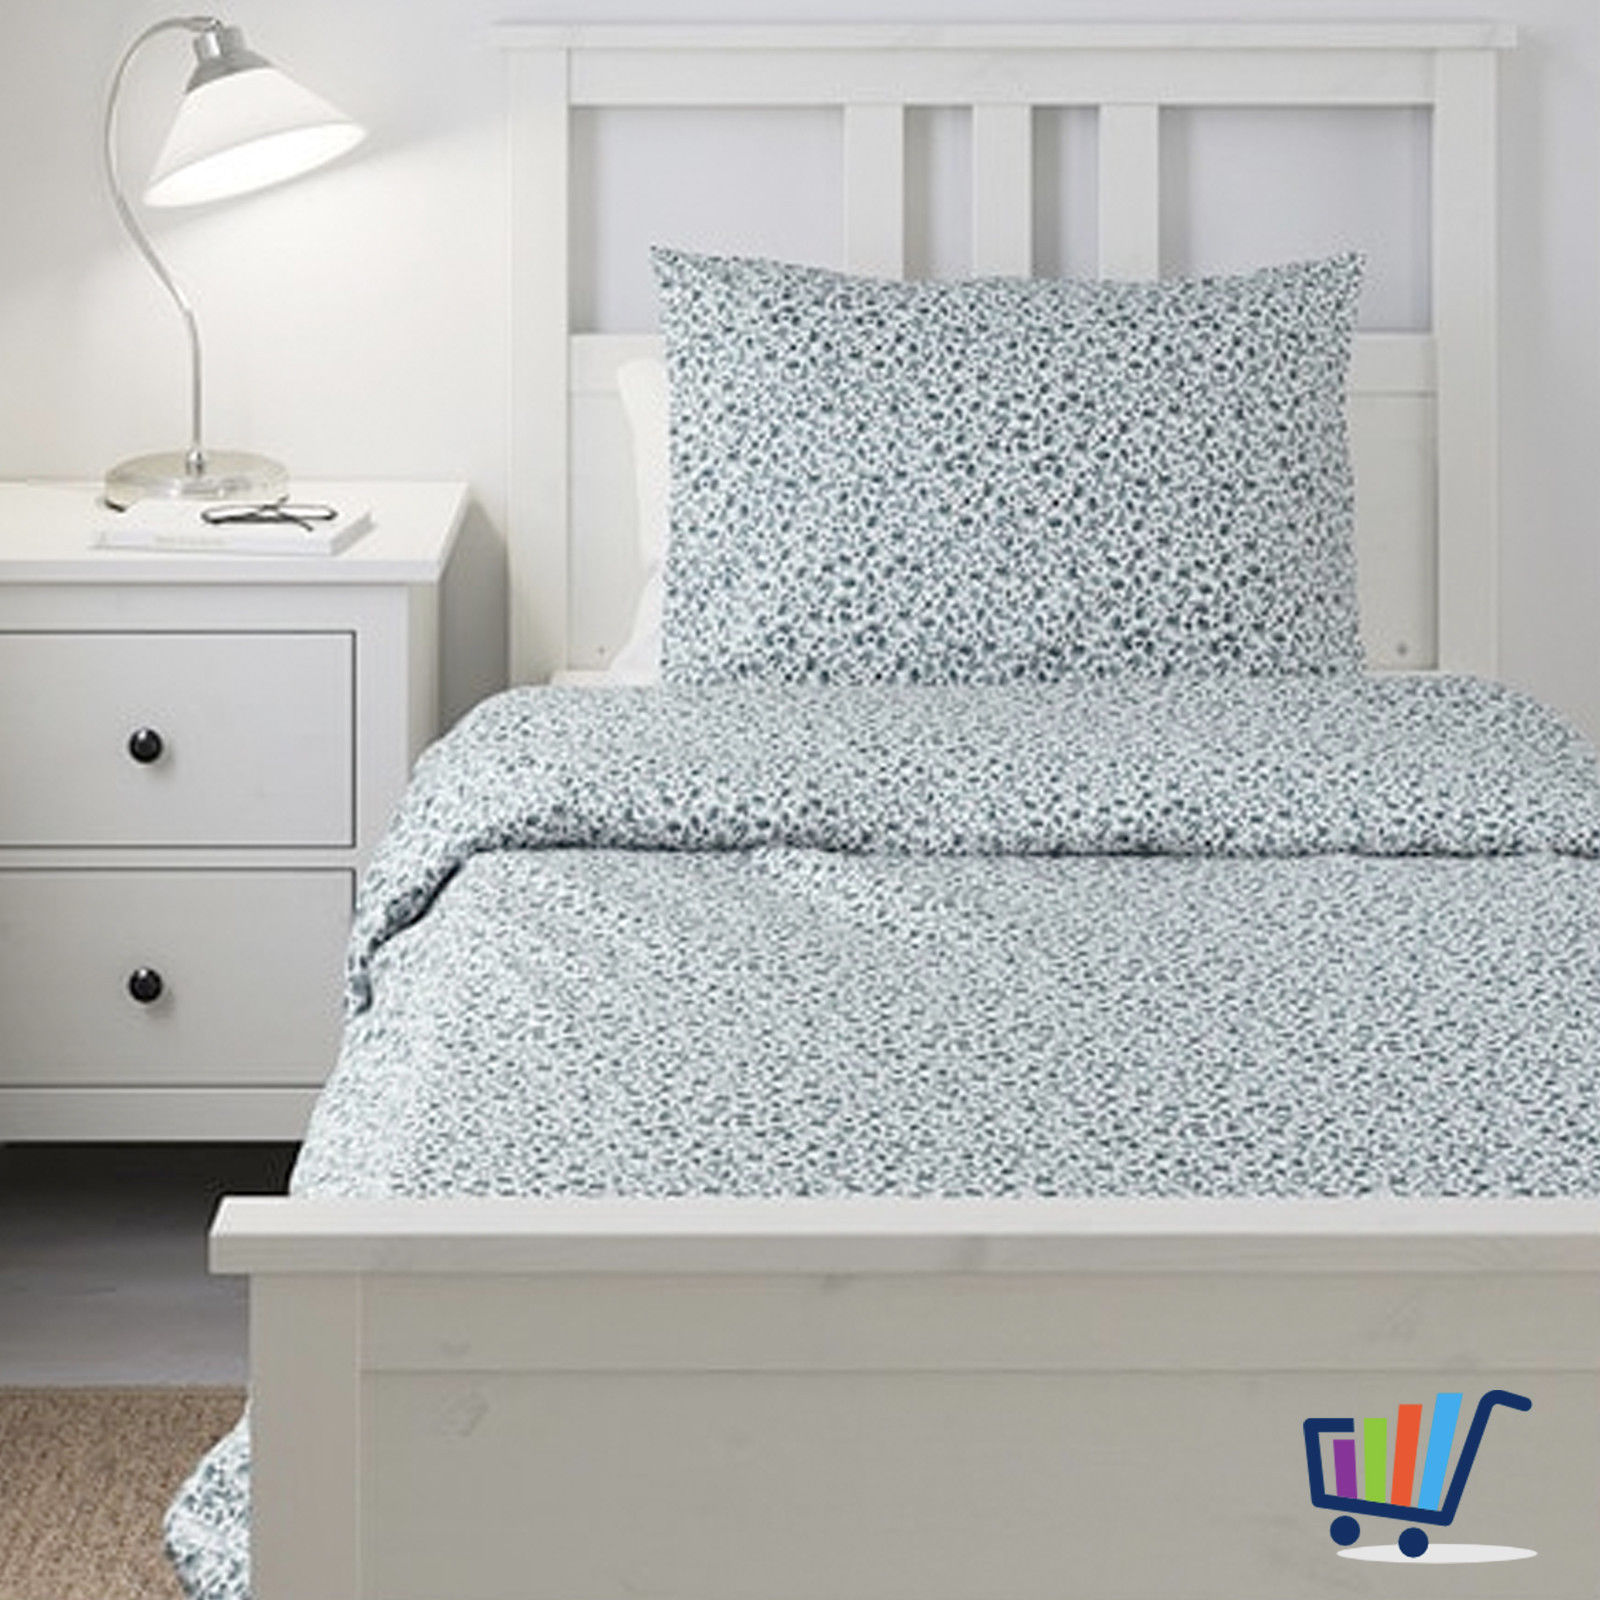 Ikea Vattenmynta 2 Tlg Bettwäsche 140200 Cm Bettbezug Blau Weiß